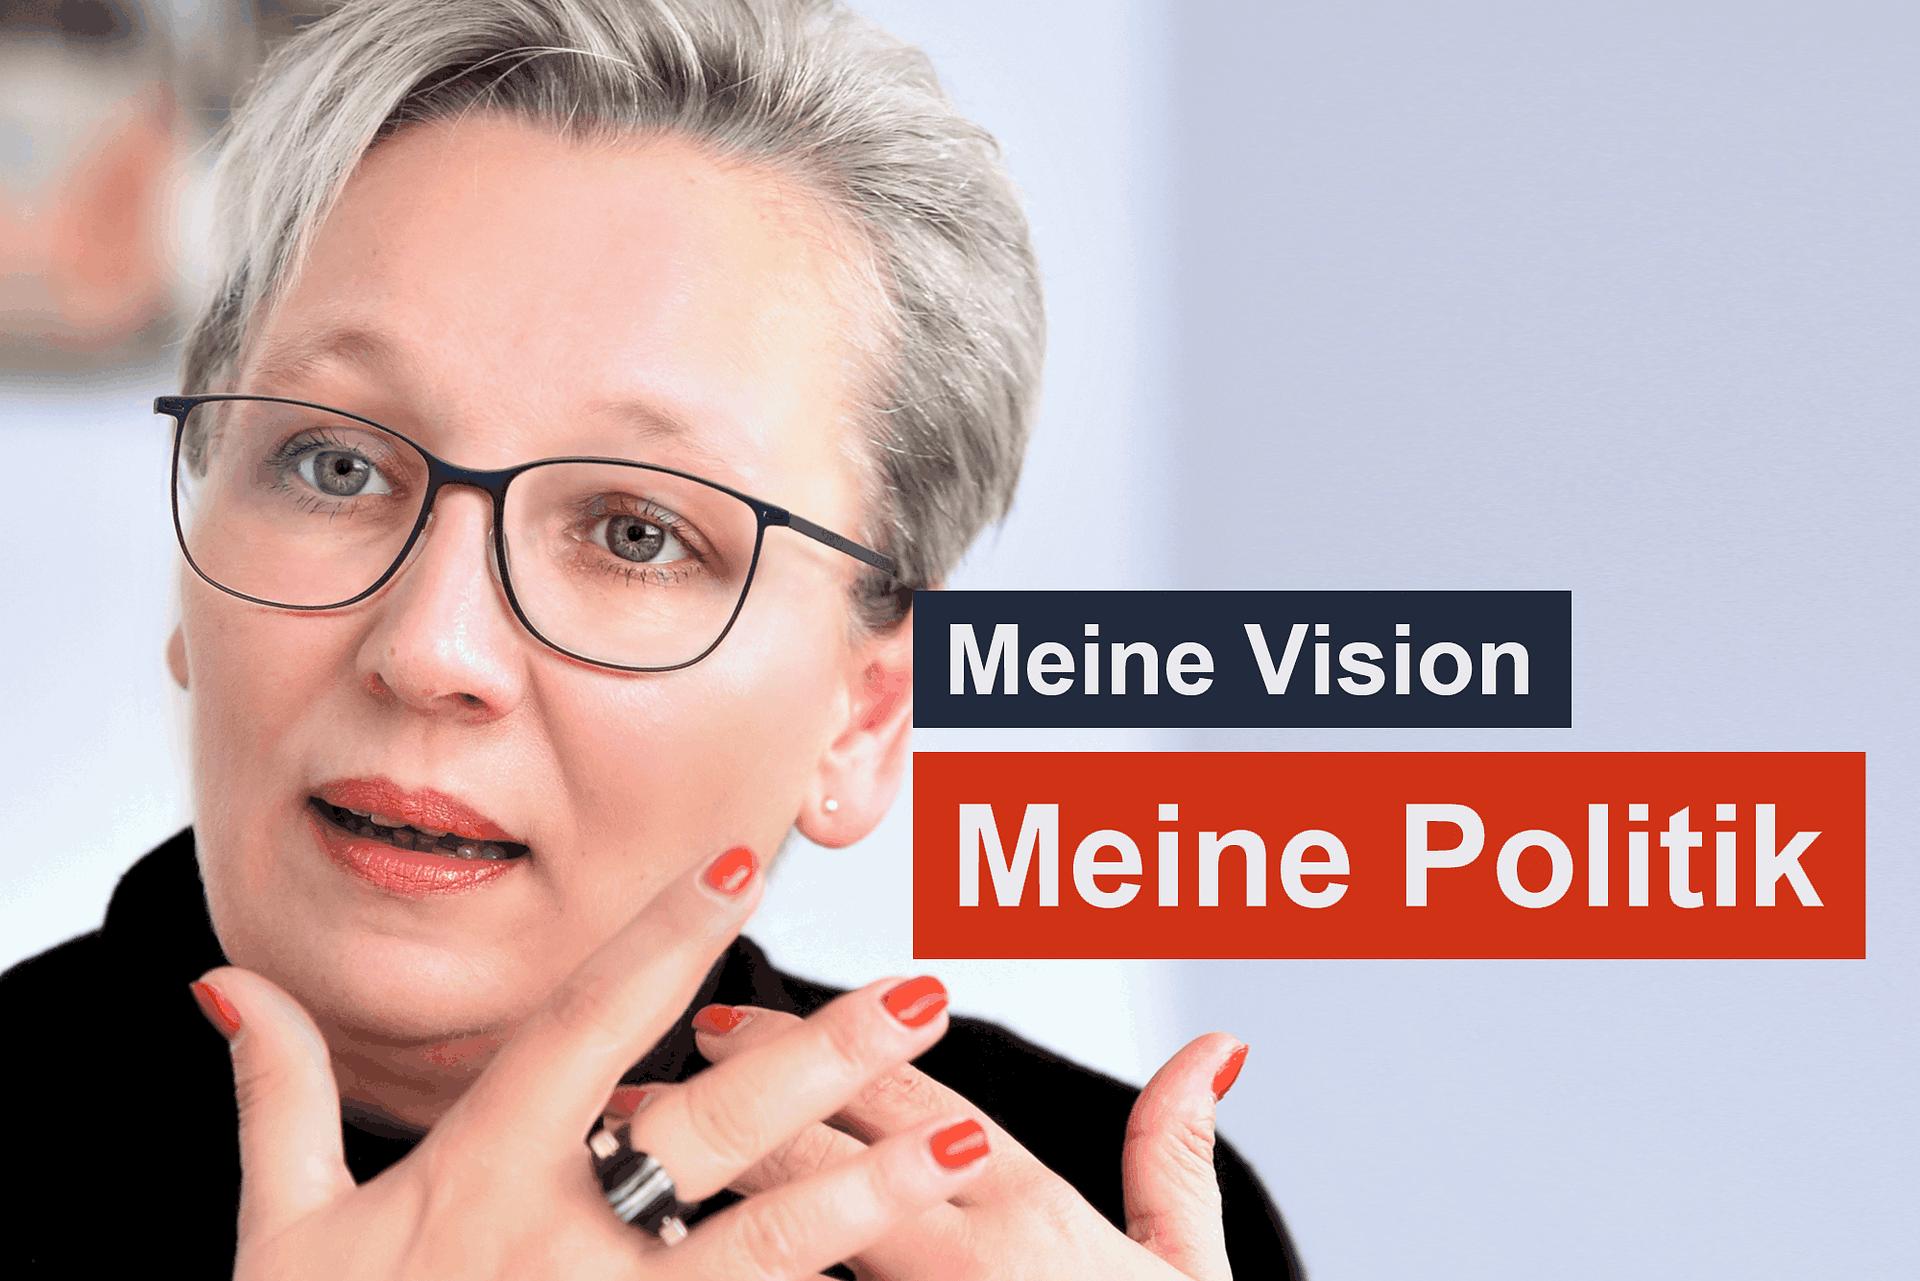 Die Politik und Vision für Wolfsburgs Zukunft